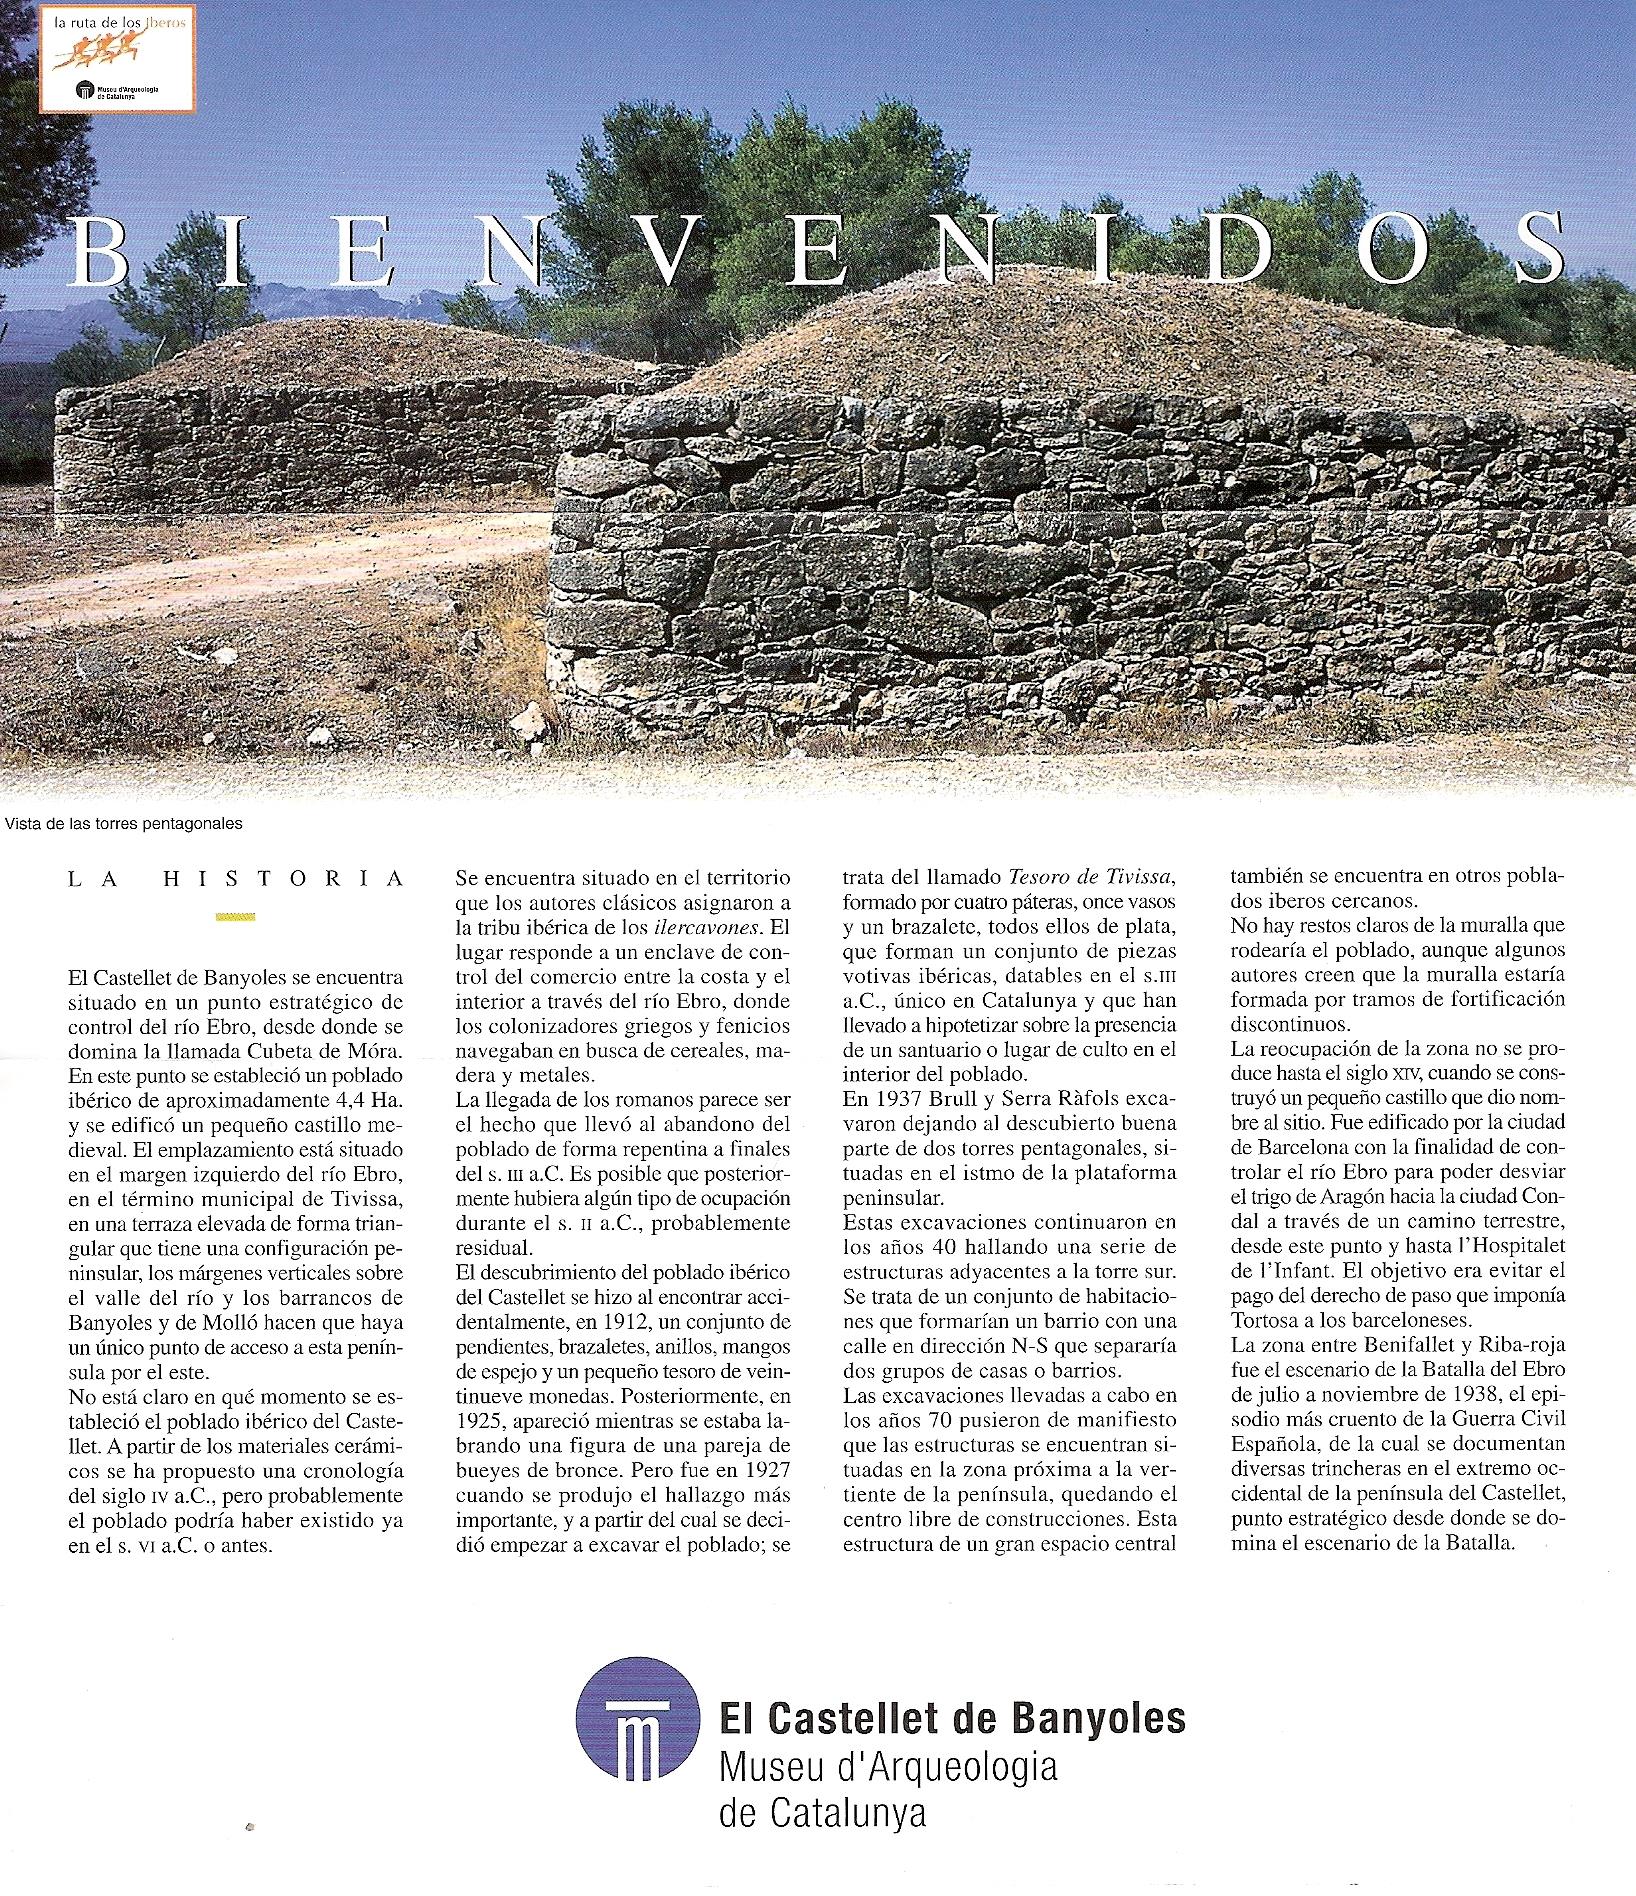 castellet-de-banyoles-02